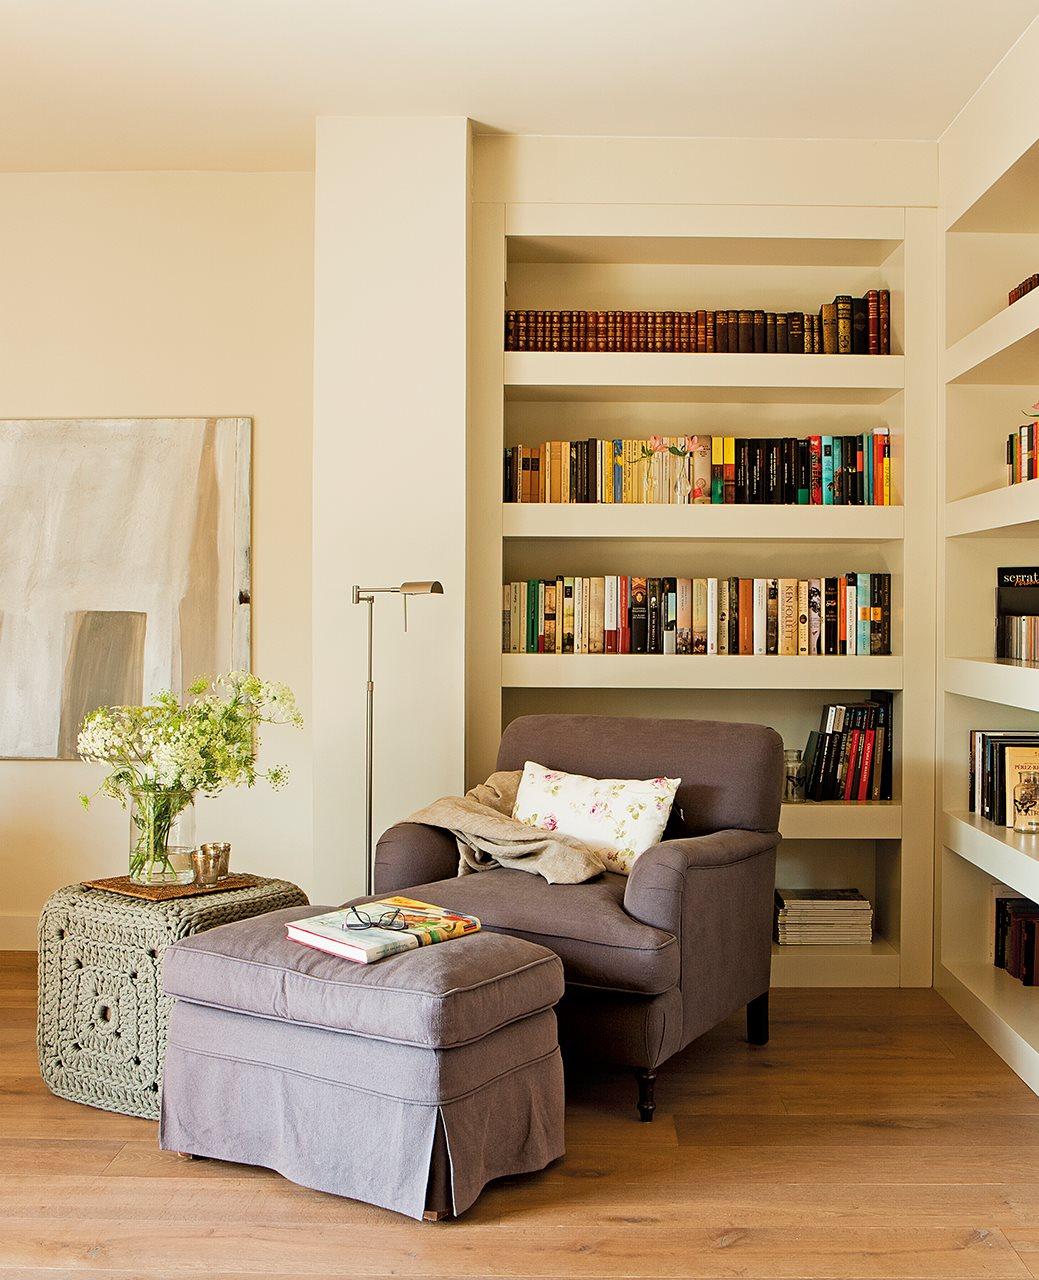 Dos pisos peque os unidos en uno for Rincon lectura